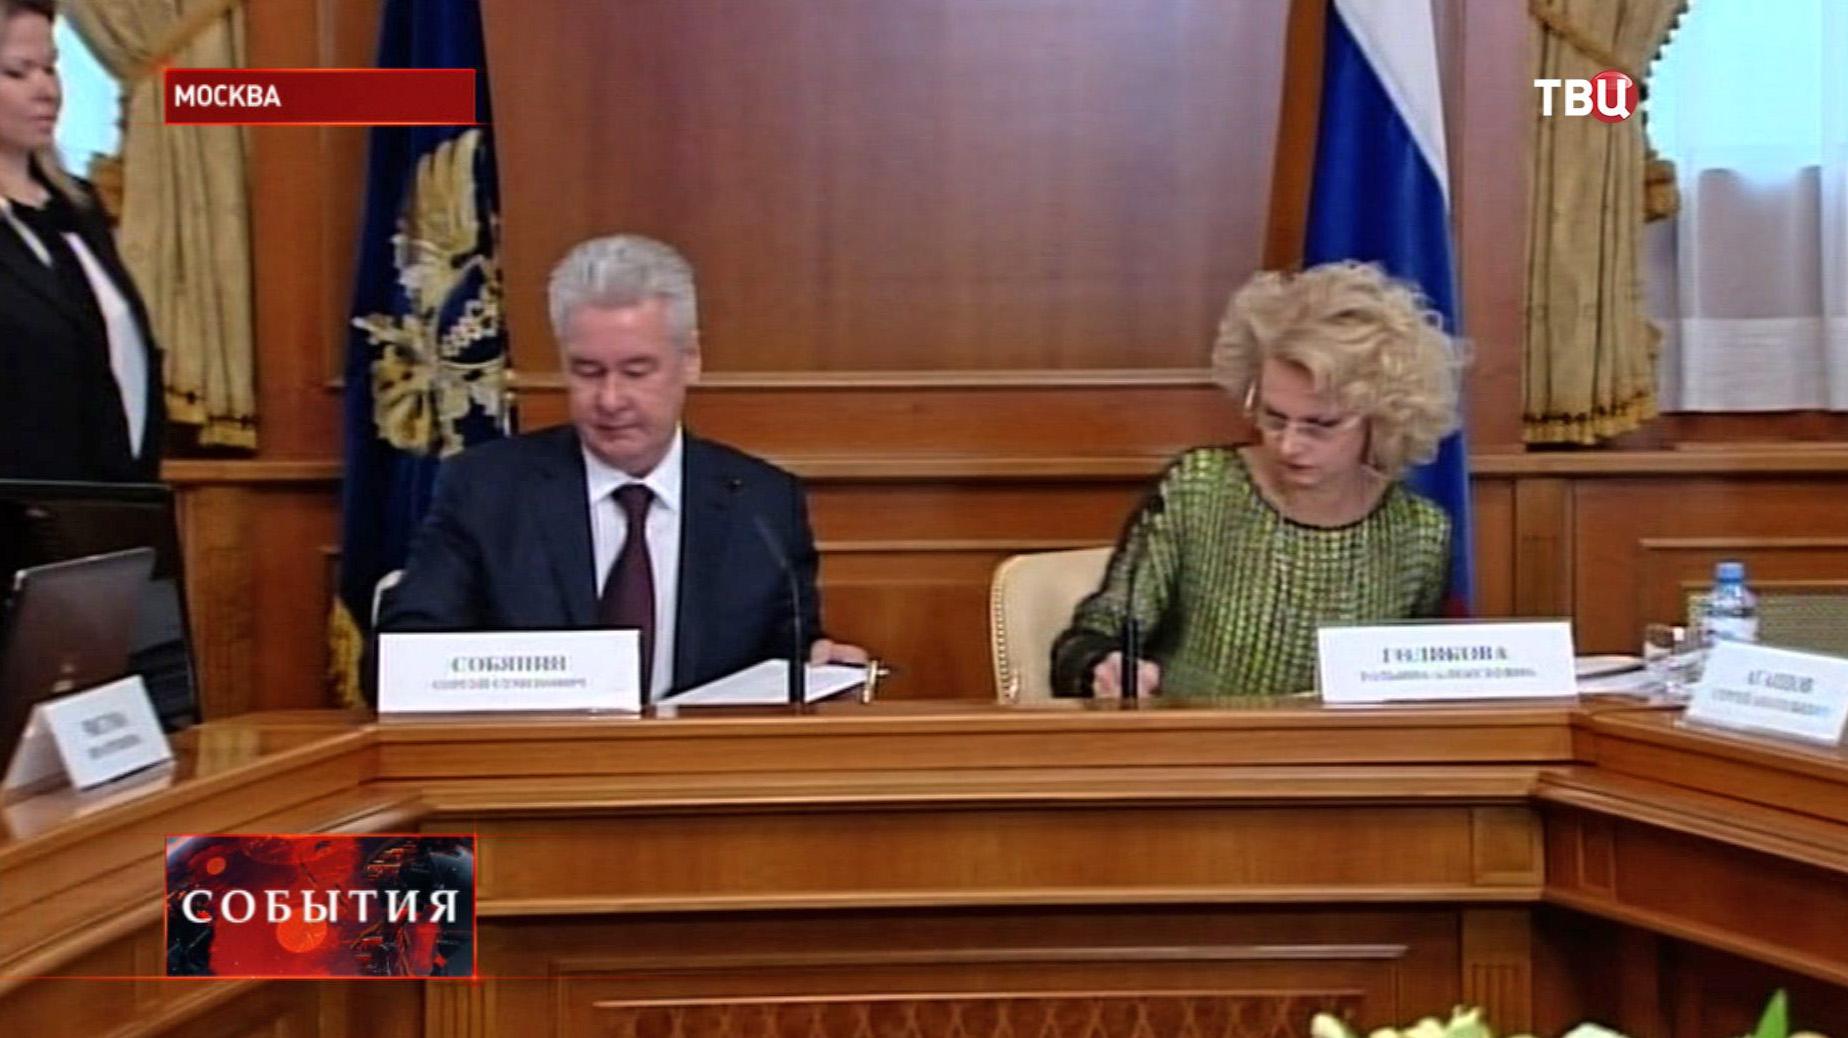 Мэр Москвы Сергей Собянин и глава Счетной палаты Татьяна Голикова подписывают соглашение о сотрудничестве в рамках контрактной системы